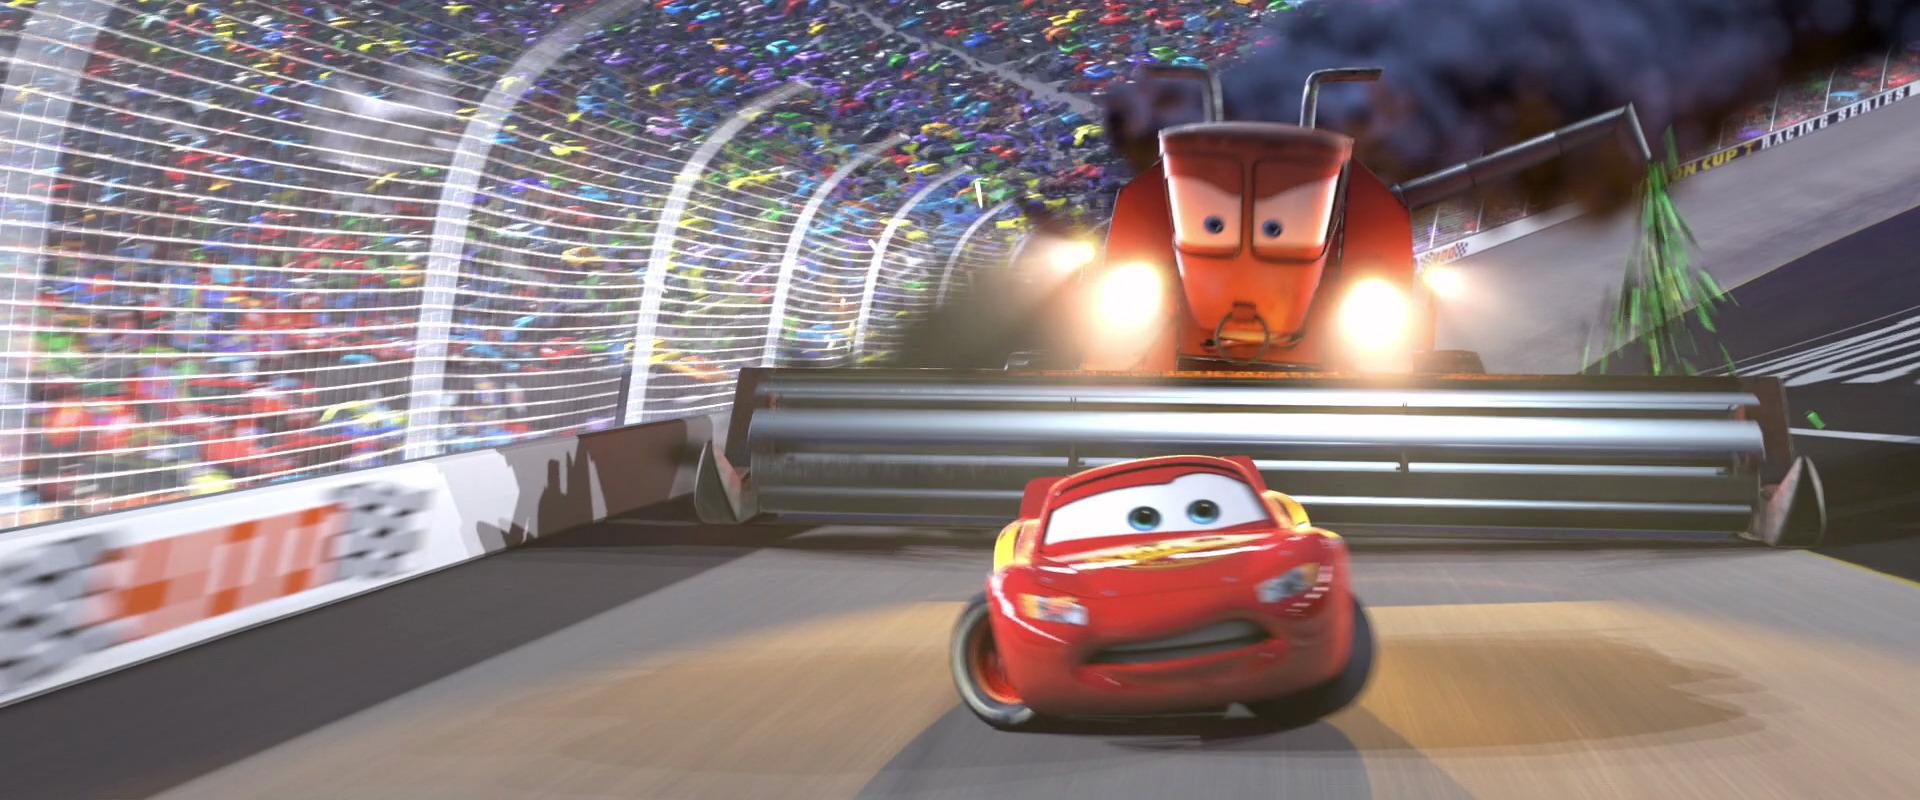 frank personnage dans cars pixar planet fr. Black Bedroom Furniture Sets. Home Design Ideas